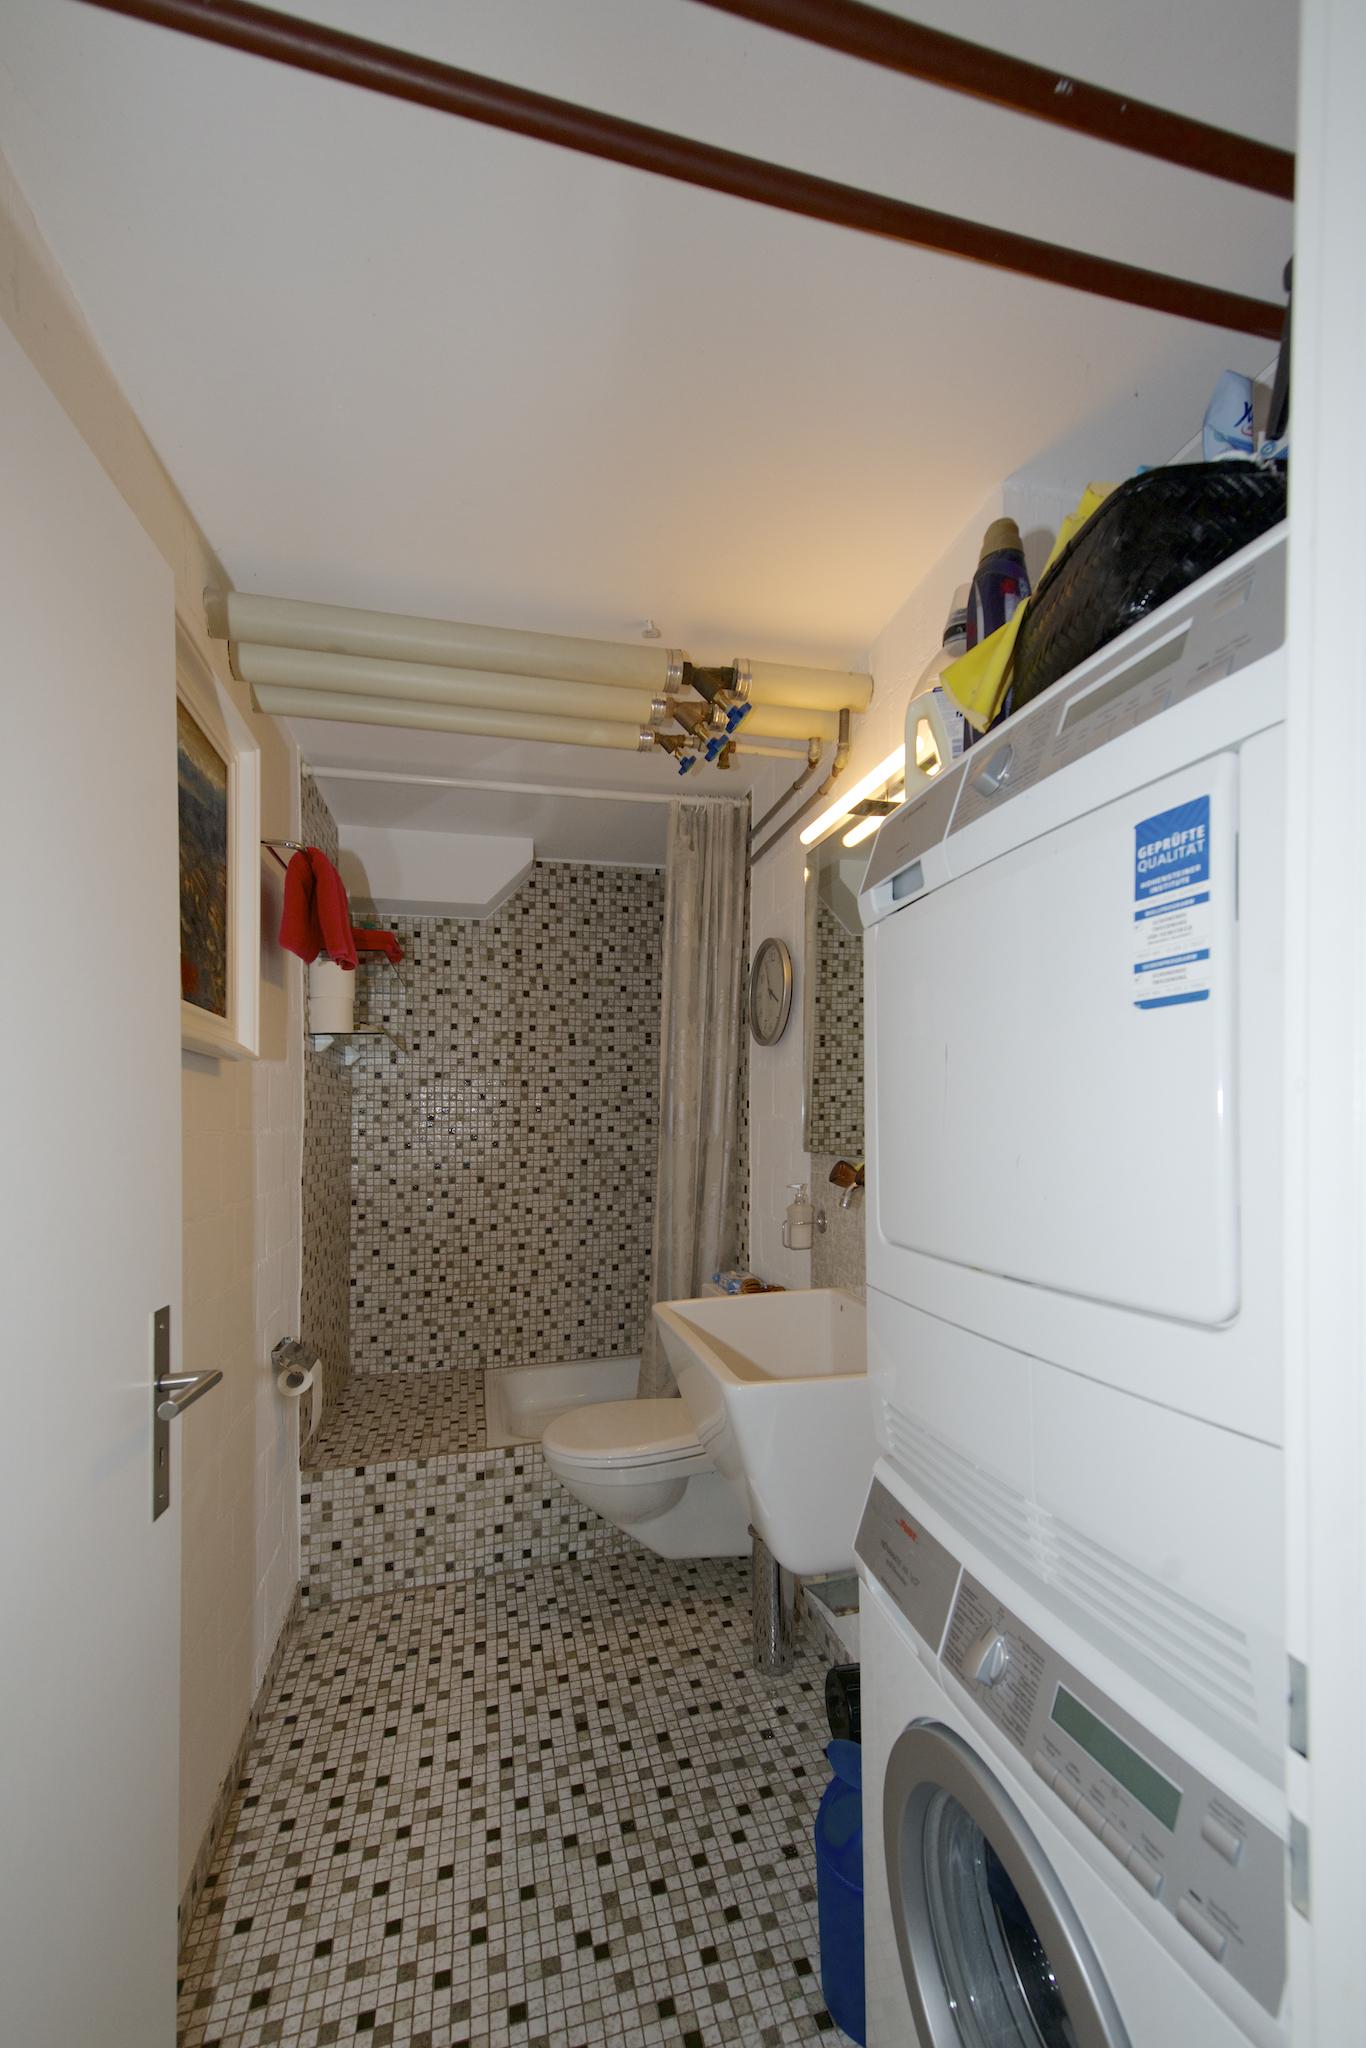 WC/Dusche im Untergeschoss